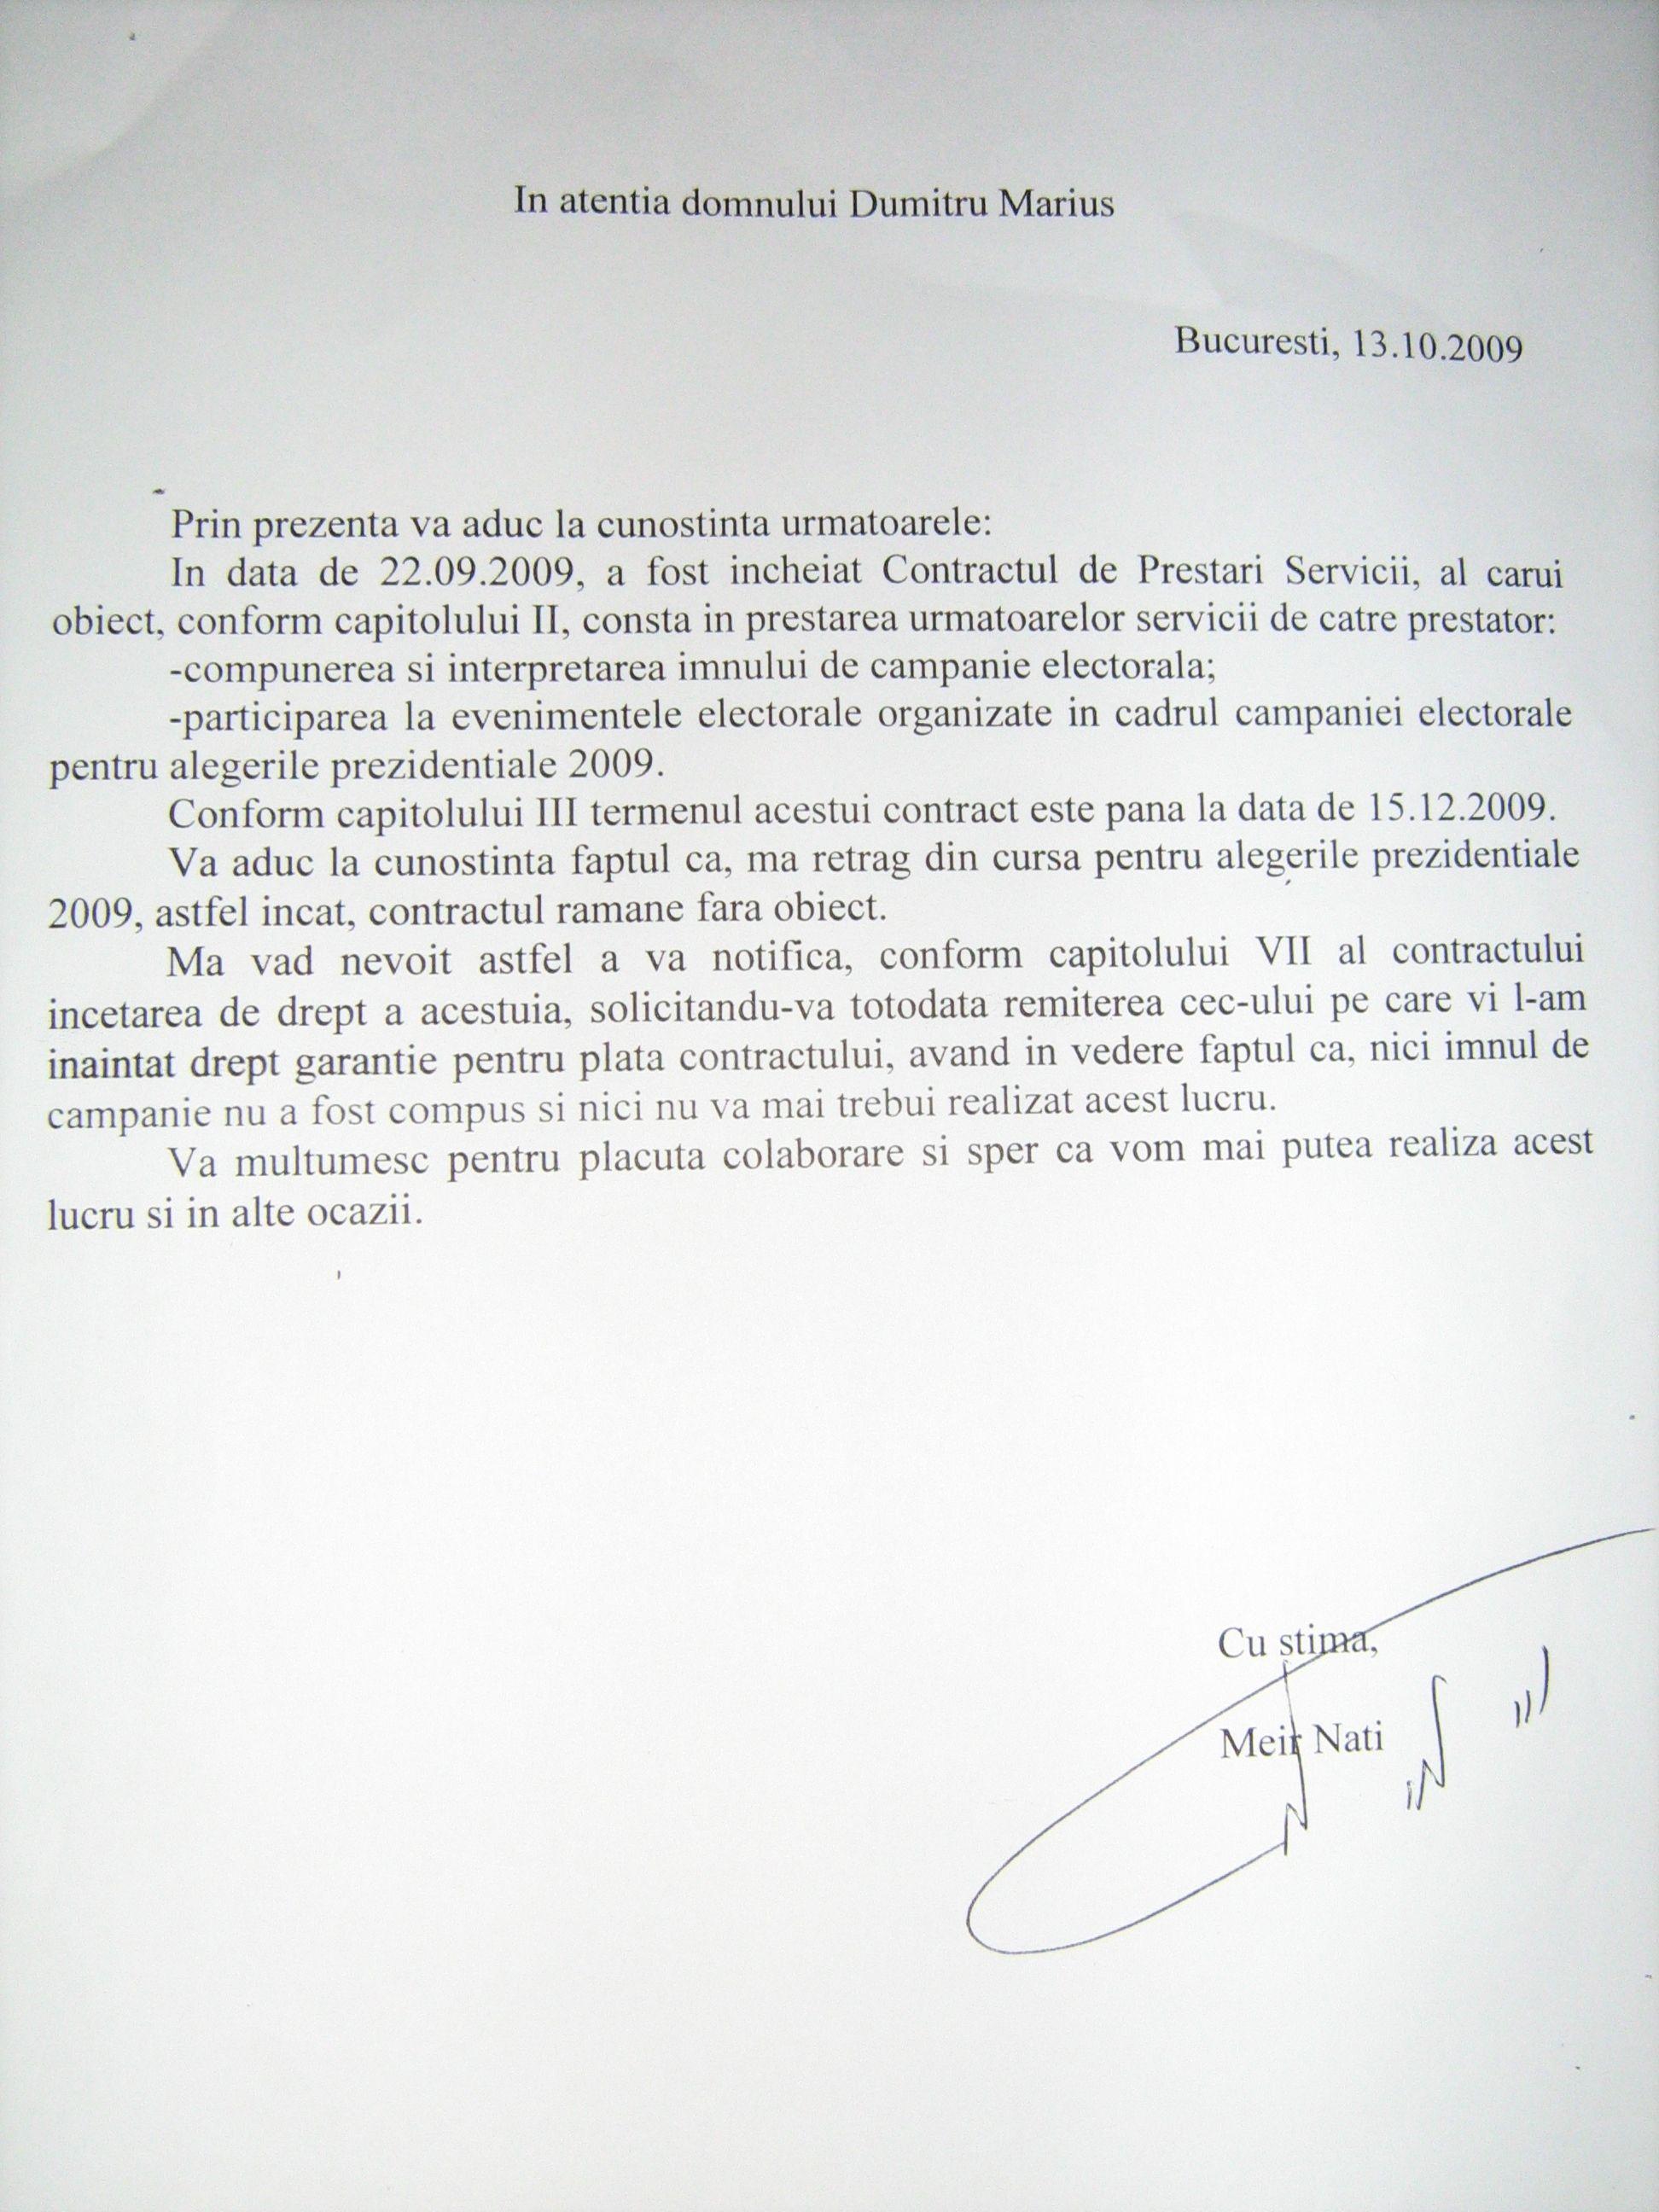 Deşi a plătit avansul cu cecuri fără acoperire şi bancnote specimen, candidatul independent îi cerea înapoi lui Adrian Minune suma de 50.000 de euro în data de 13 octombrie.